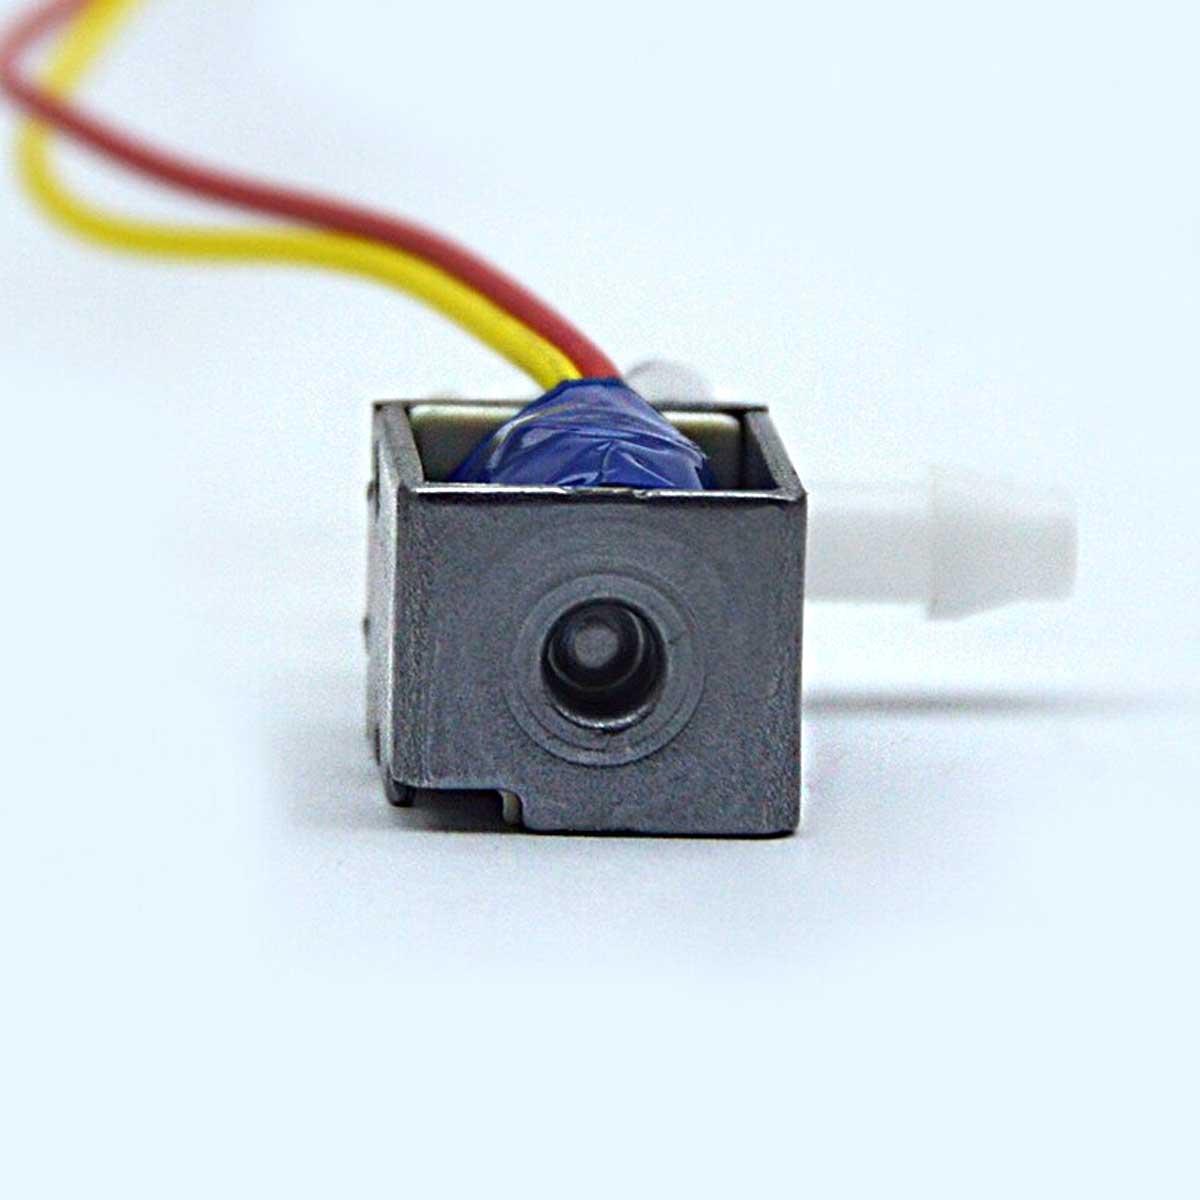 Mini Válvula Solenoide 12V DC Normalmente Fechada para Ar, Gás, Água